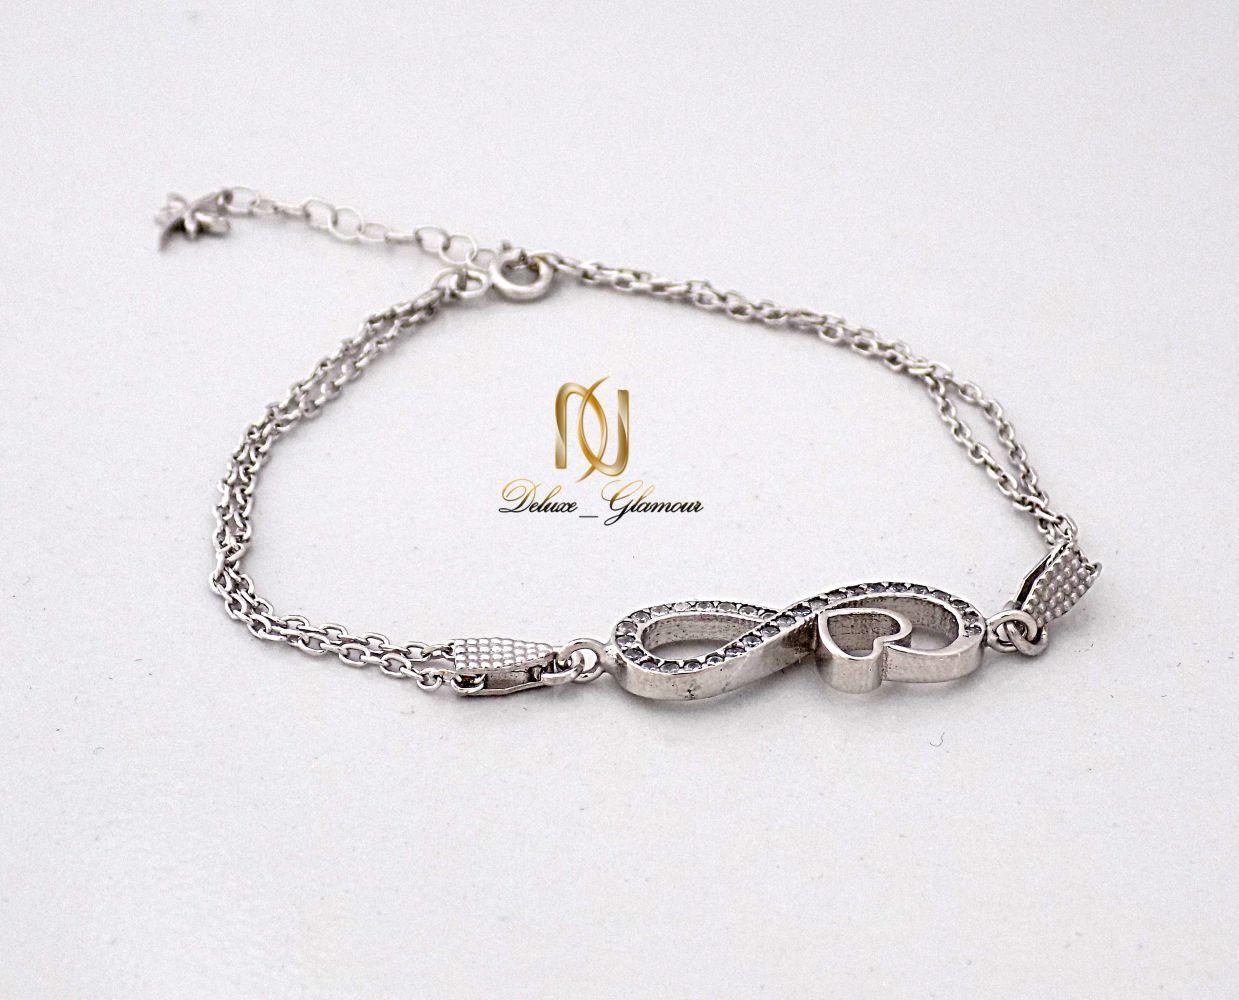 دستبند نقره دخترانه بی نهایت با نگین برلیان اتمی اصل ds-n239 از نمای سفید